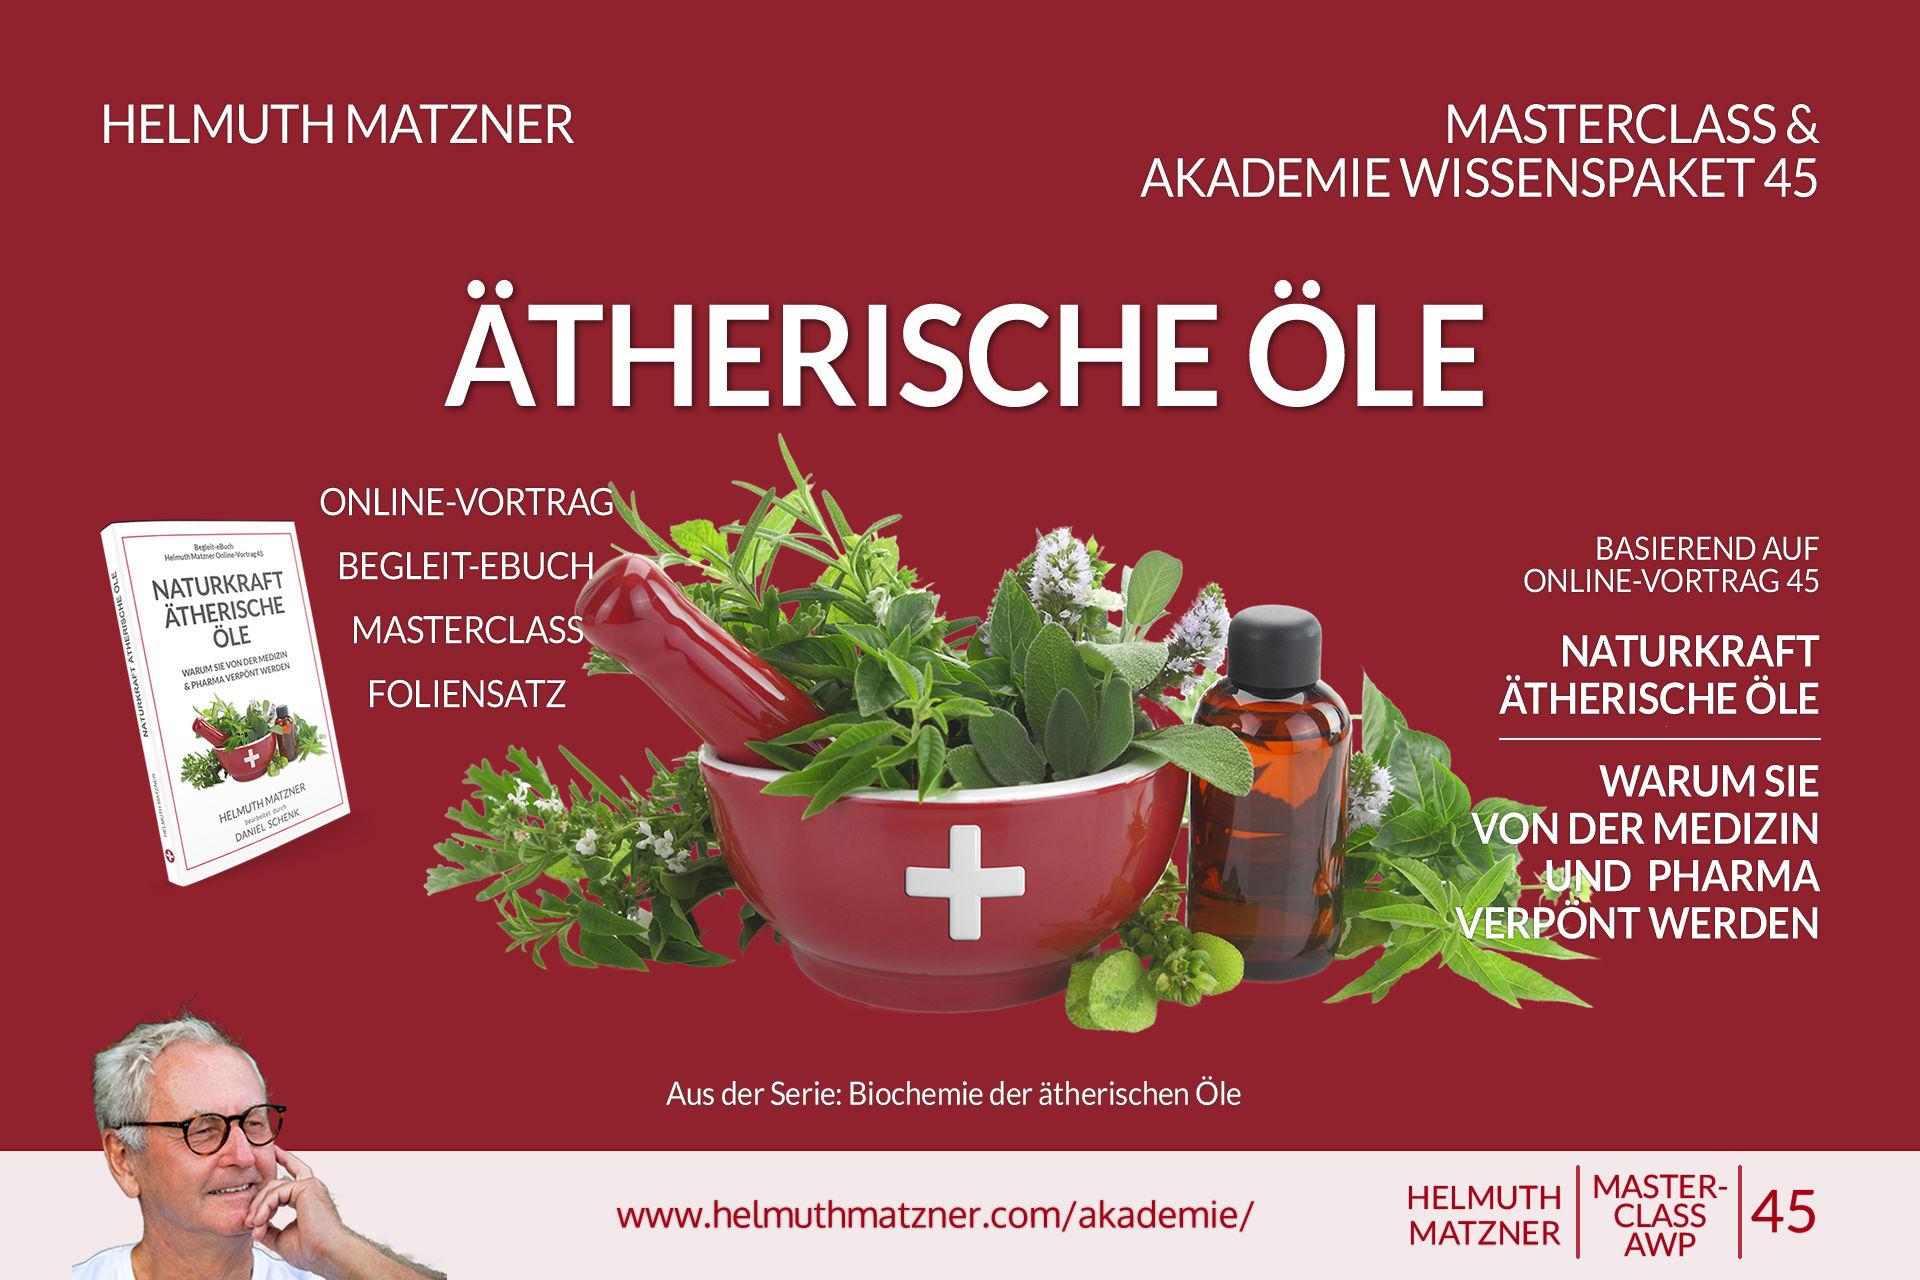 Helmuth Matzner - Masterclass & Akademie Wissenspaket 45 - Naturkraft Ätherische Öle - Banner 1KEY